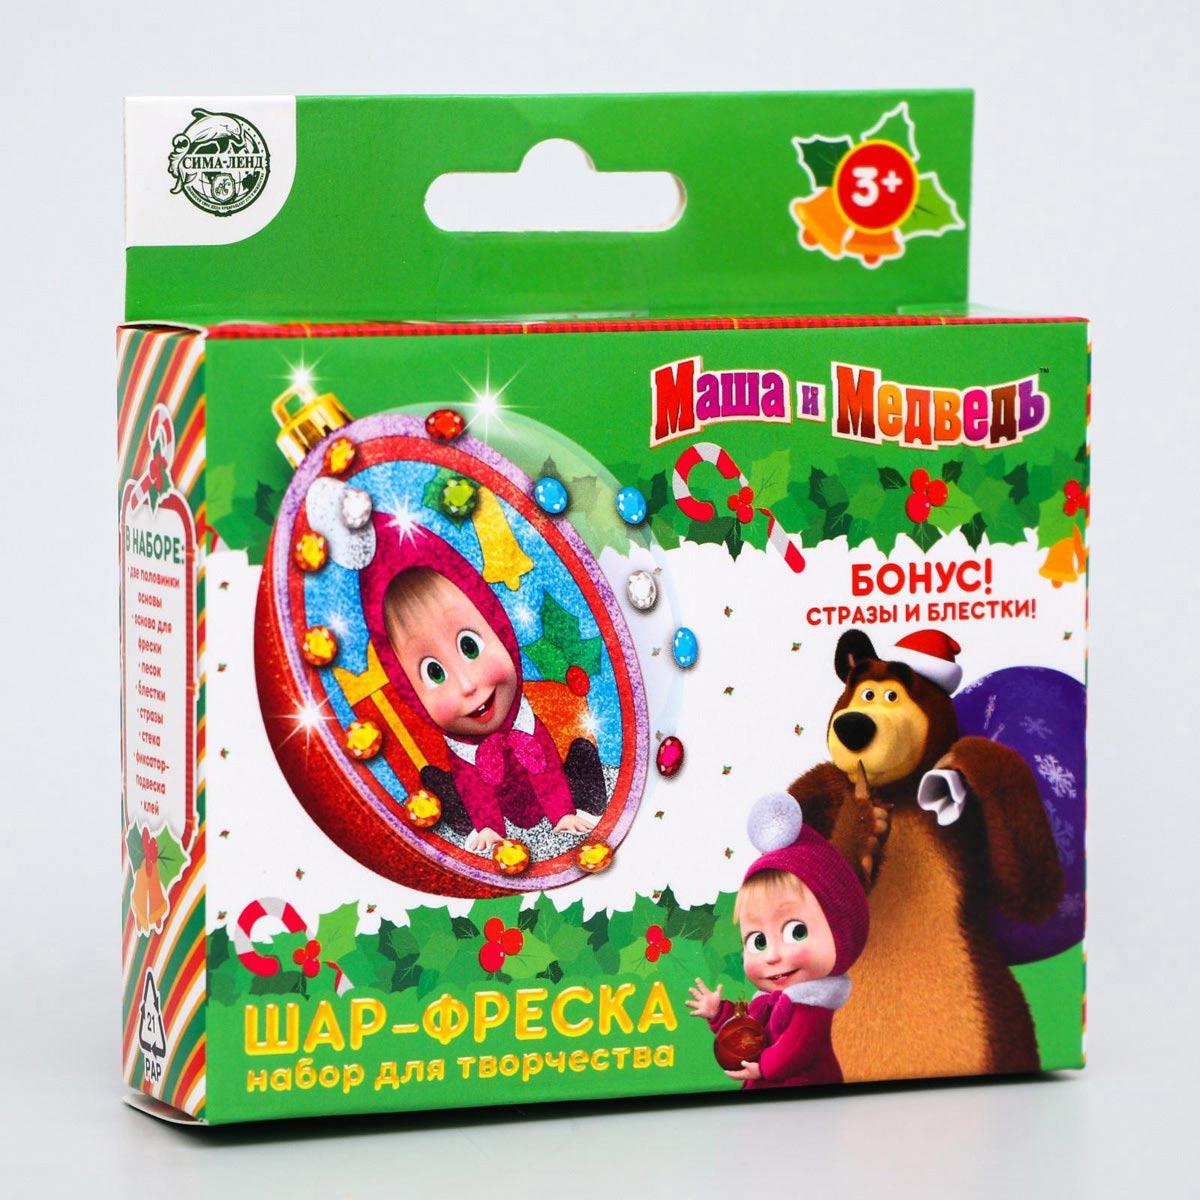 3268156 Набор для творчества: шар-фреска 'С Новым годом!' Маша и Медведь